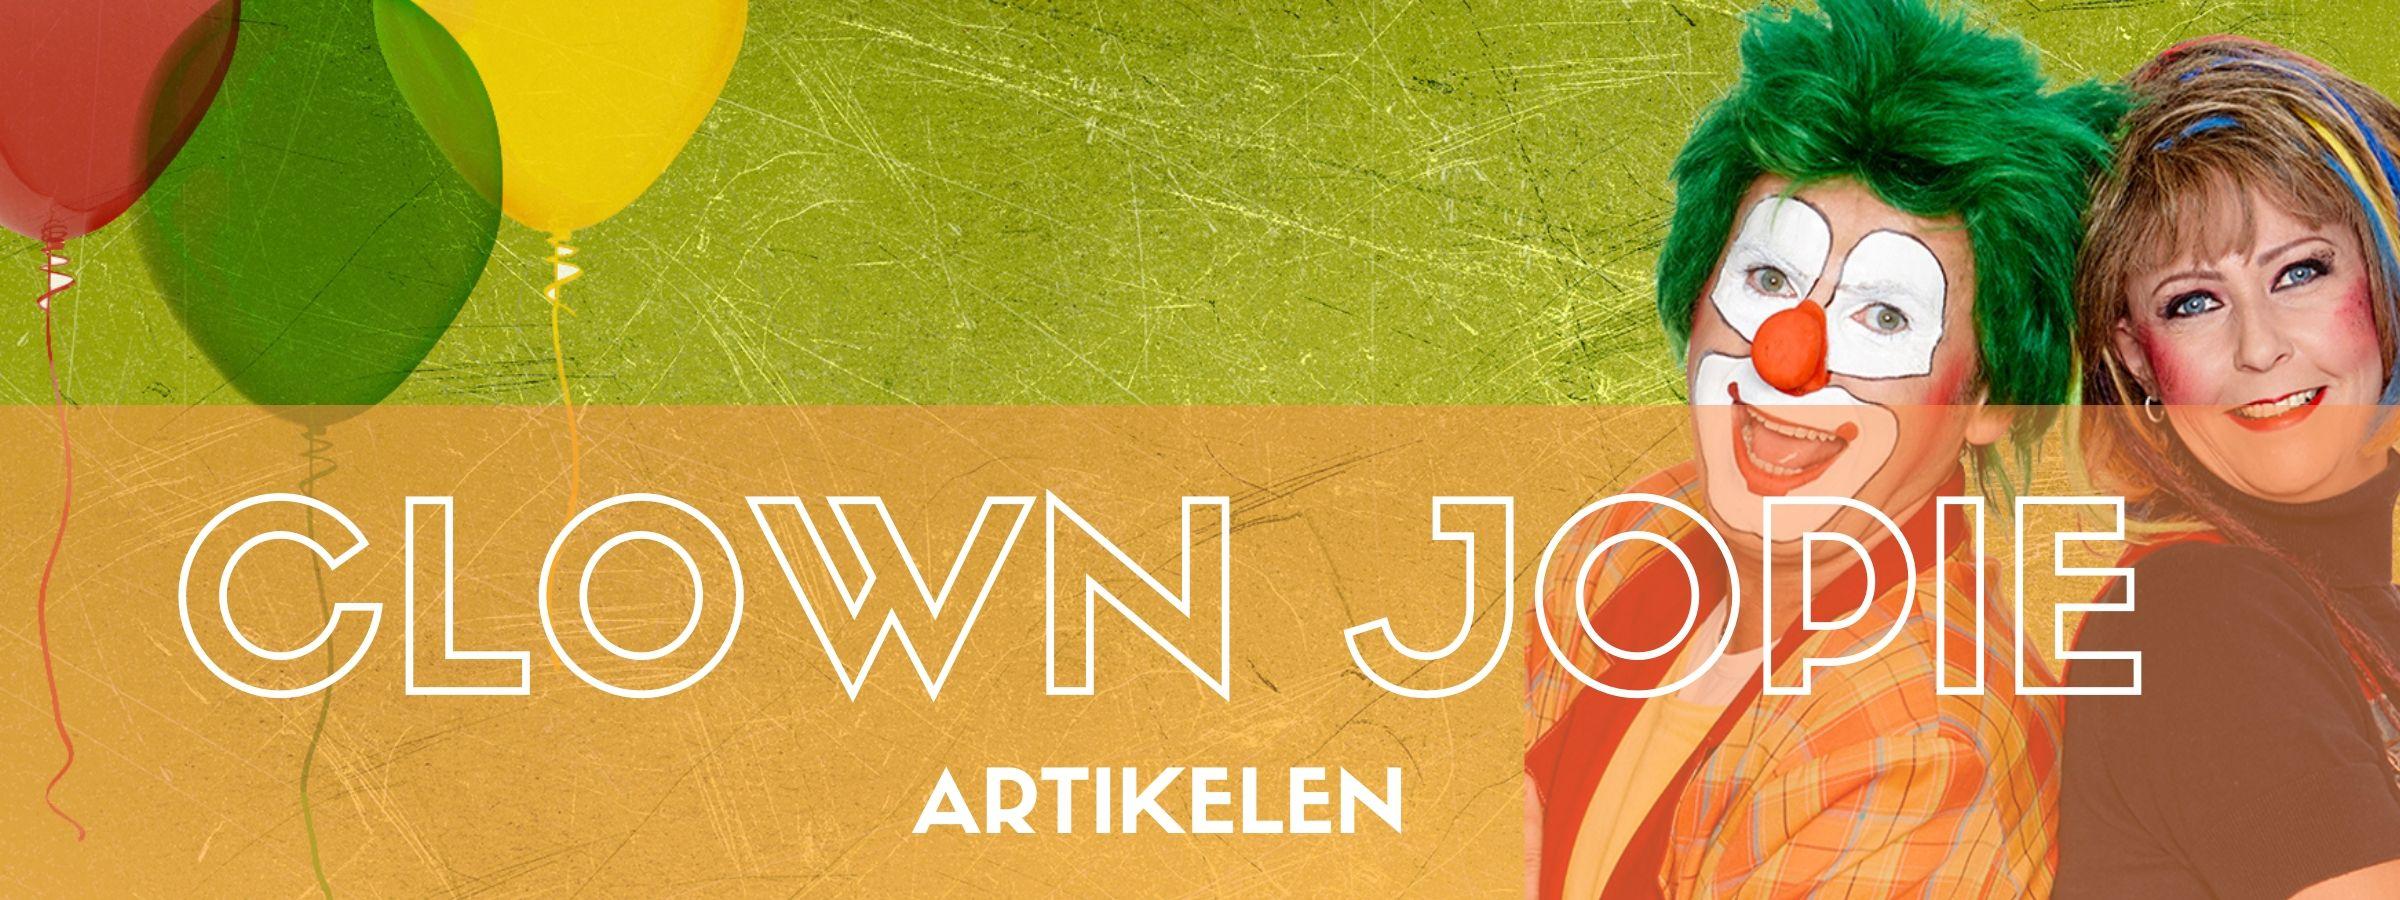 Clown Jopie & Tante Angelique artikelen bestellen bij JB Feestartikelen